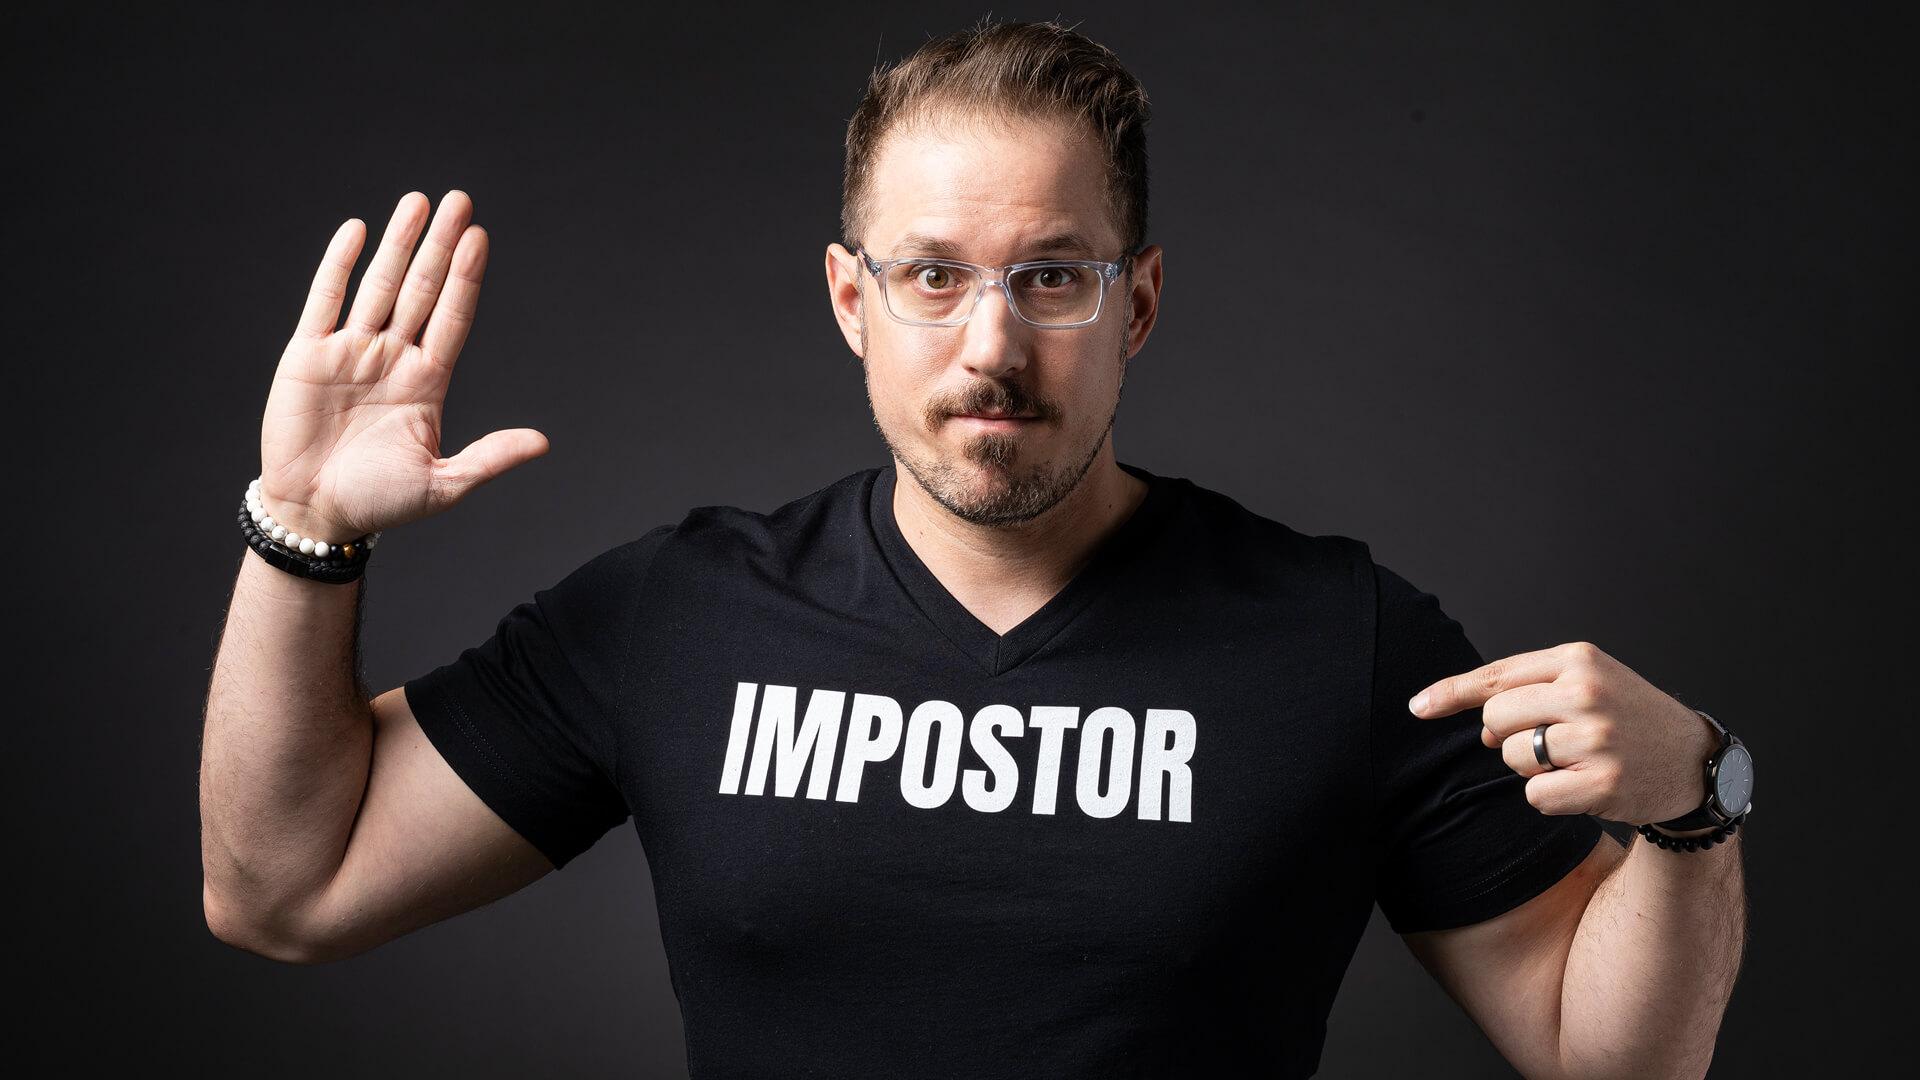 I'm an Impostor